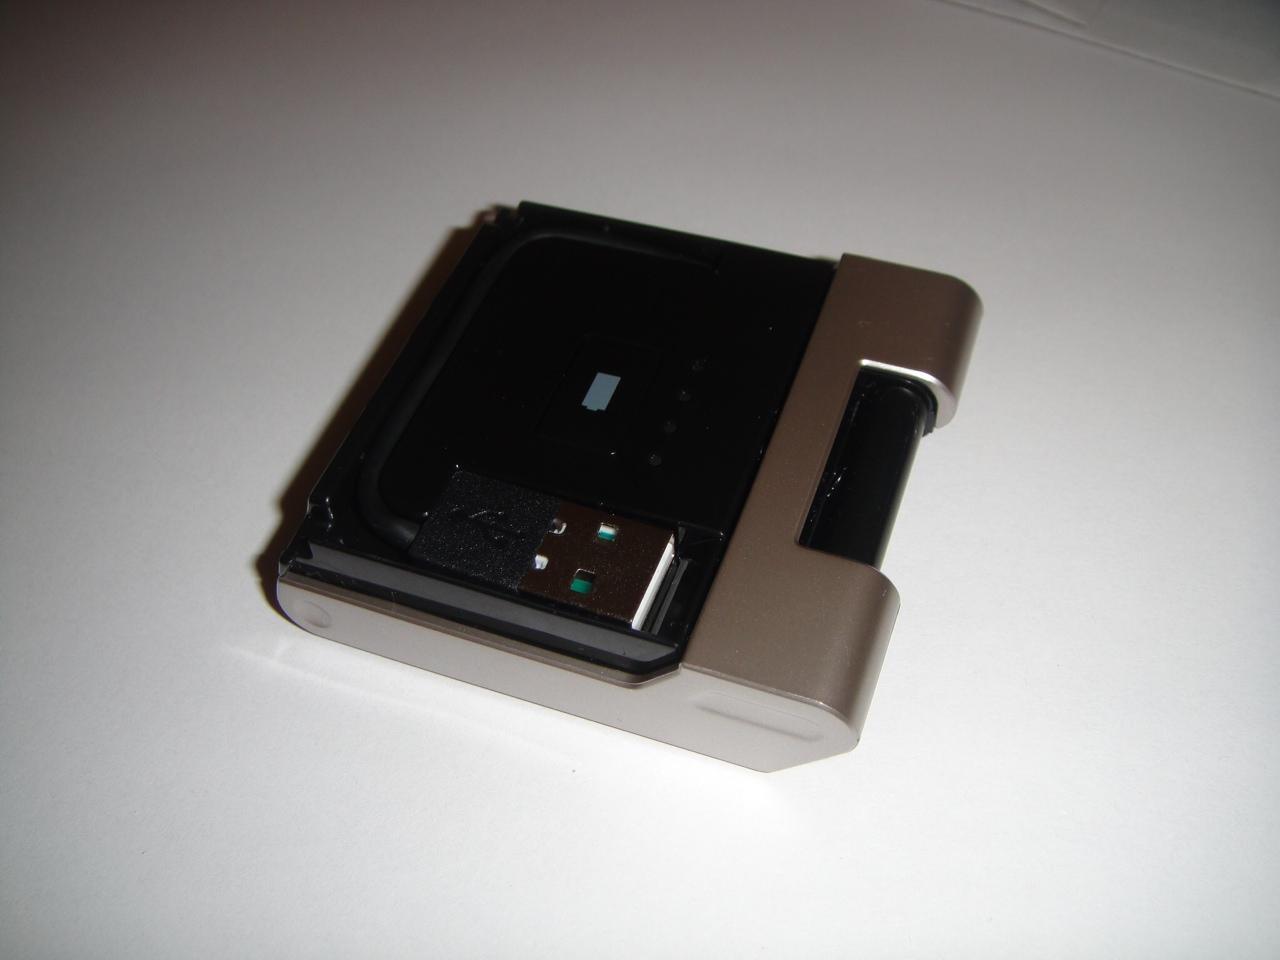 batterie support iphone kensington powerlift le retour d 39 experience d 39 une de nos lectrices. Black Bedroom Furniture Sets. Home Design Ideas